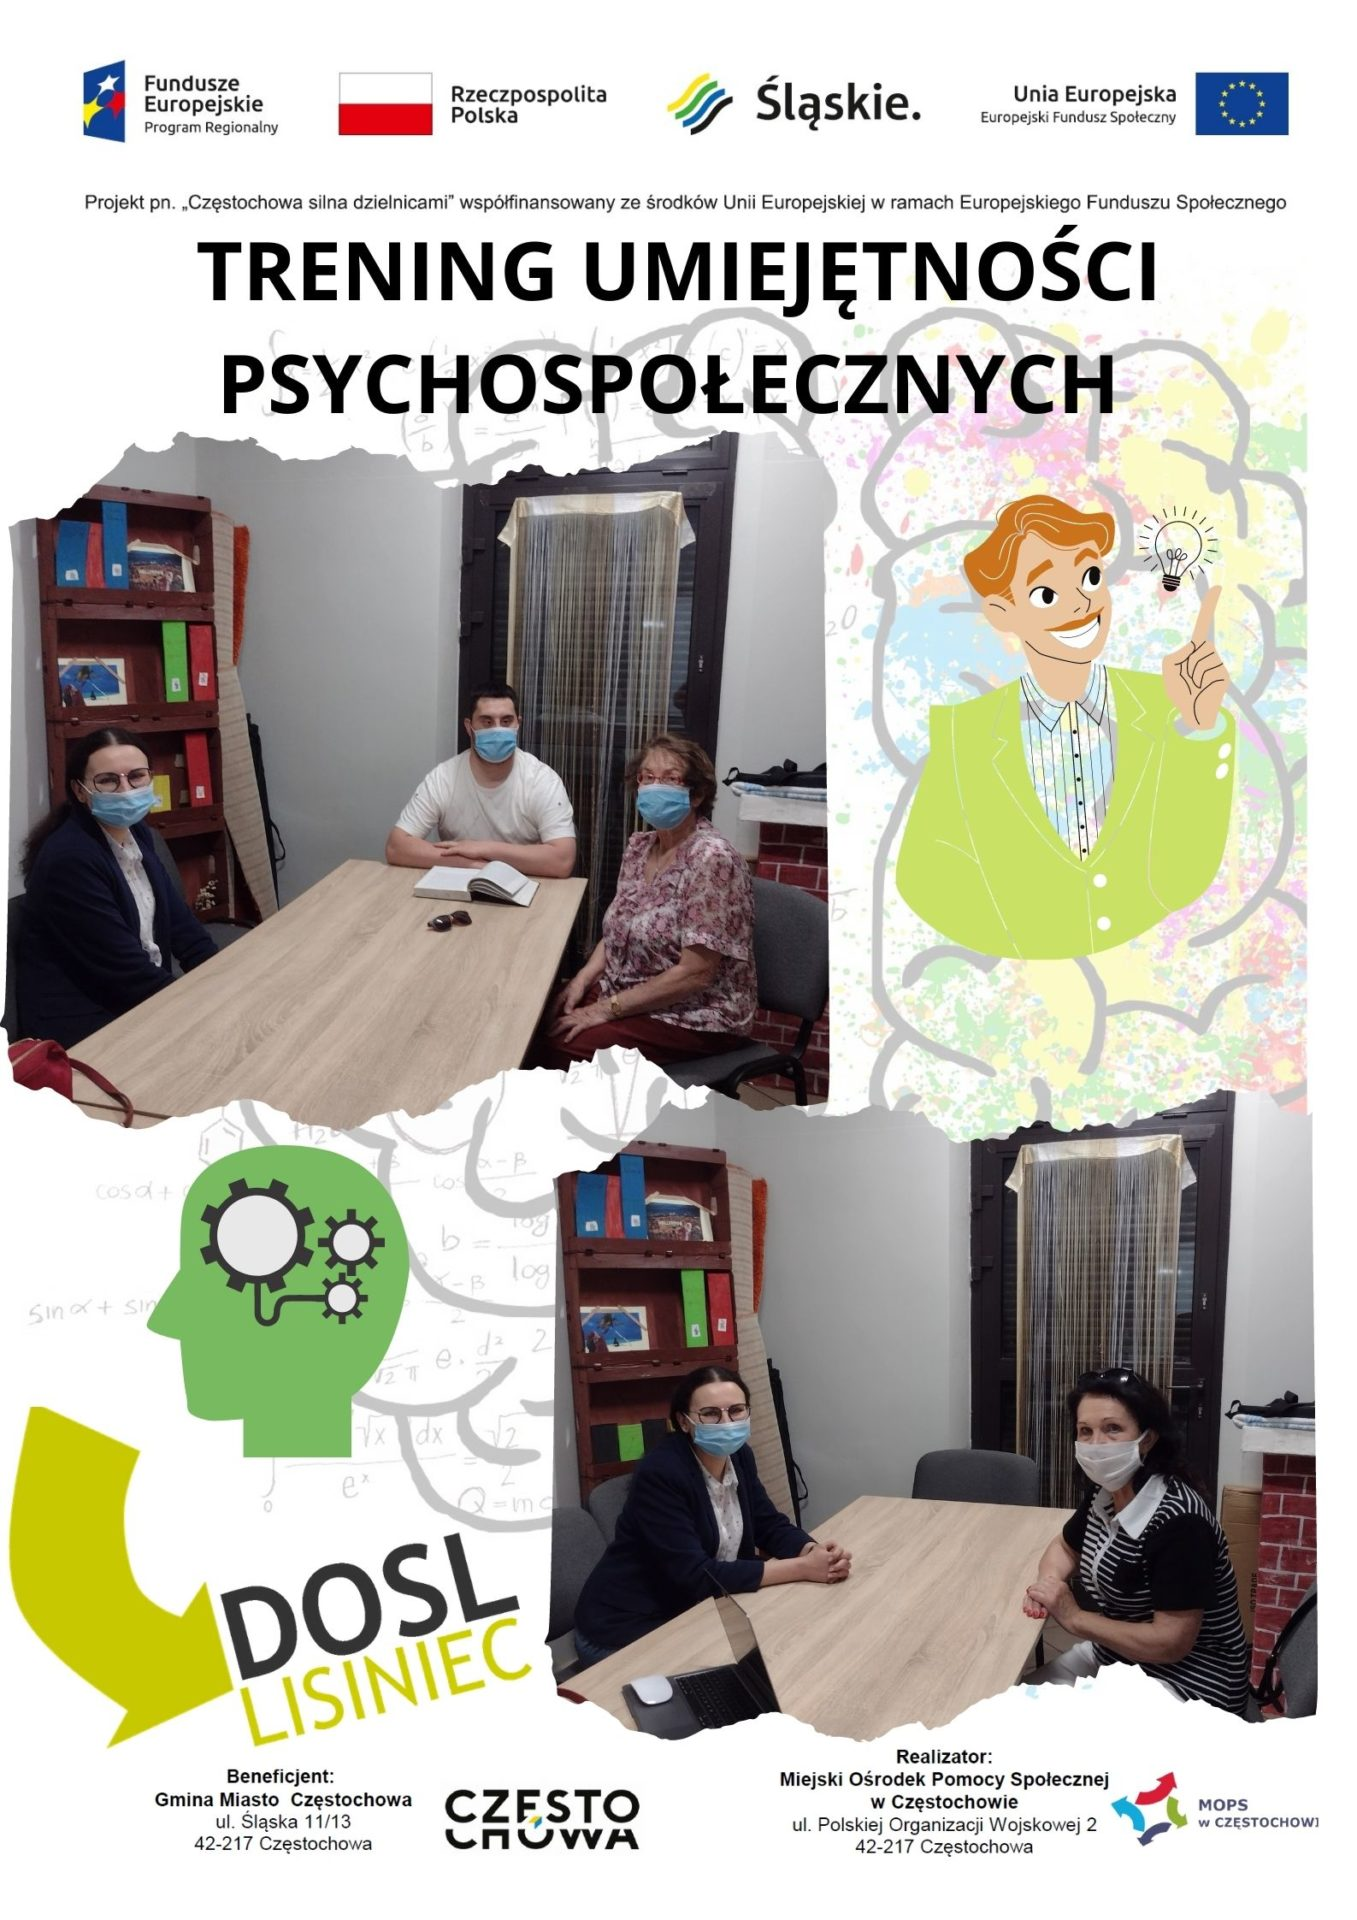 Trening umiejętności psychospołecznych